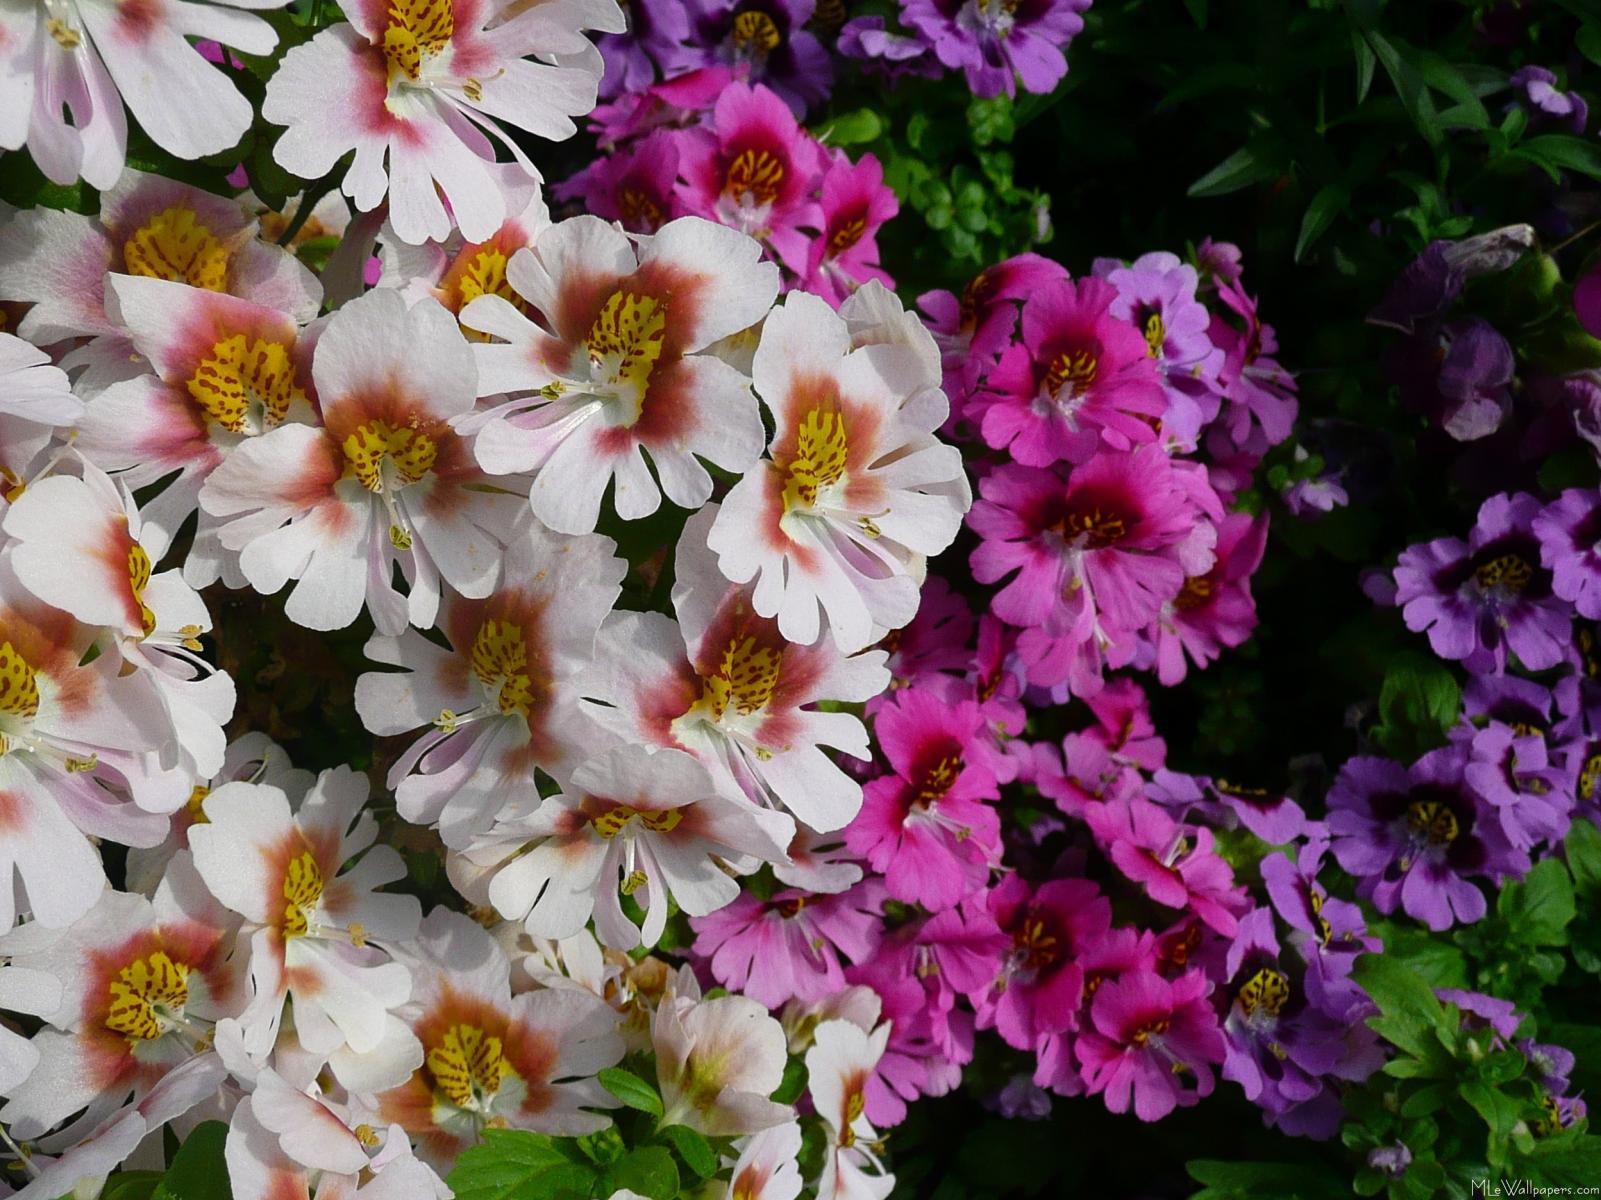 Mlewallpapers butterfly flowers butterfly flowers mightylinksfo